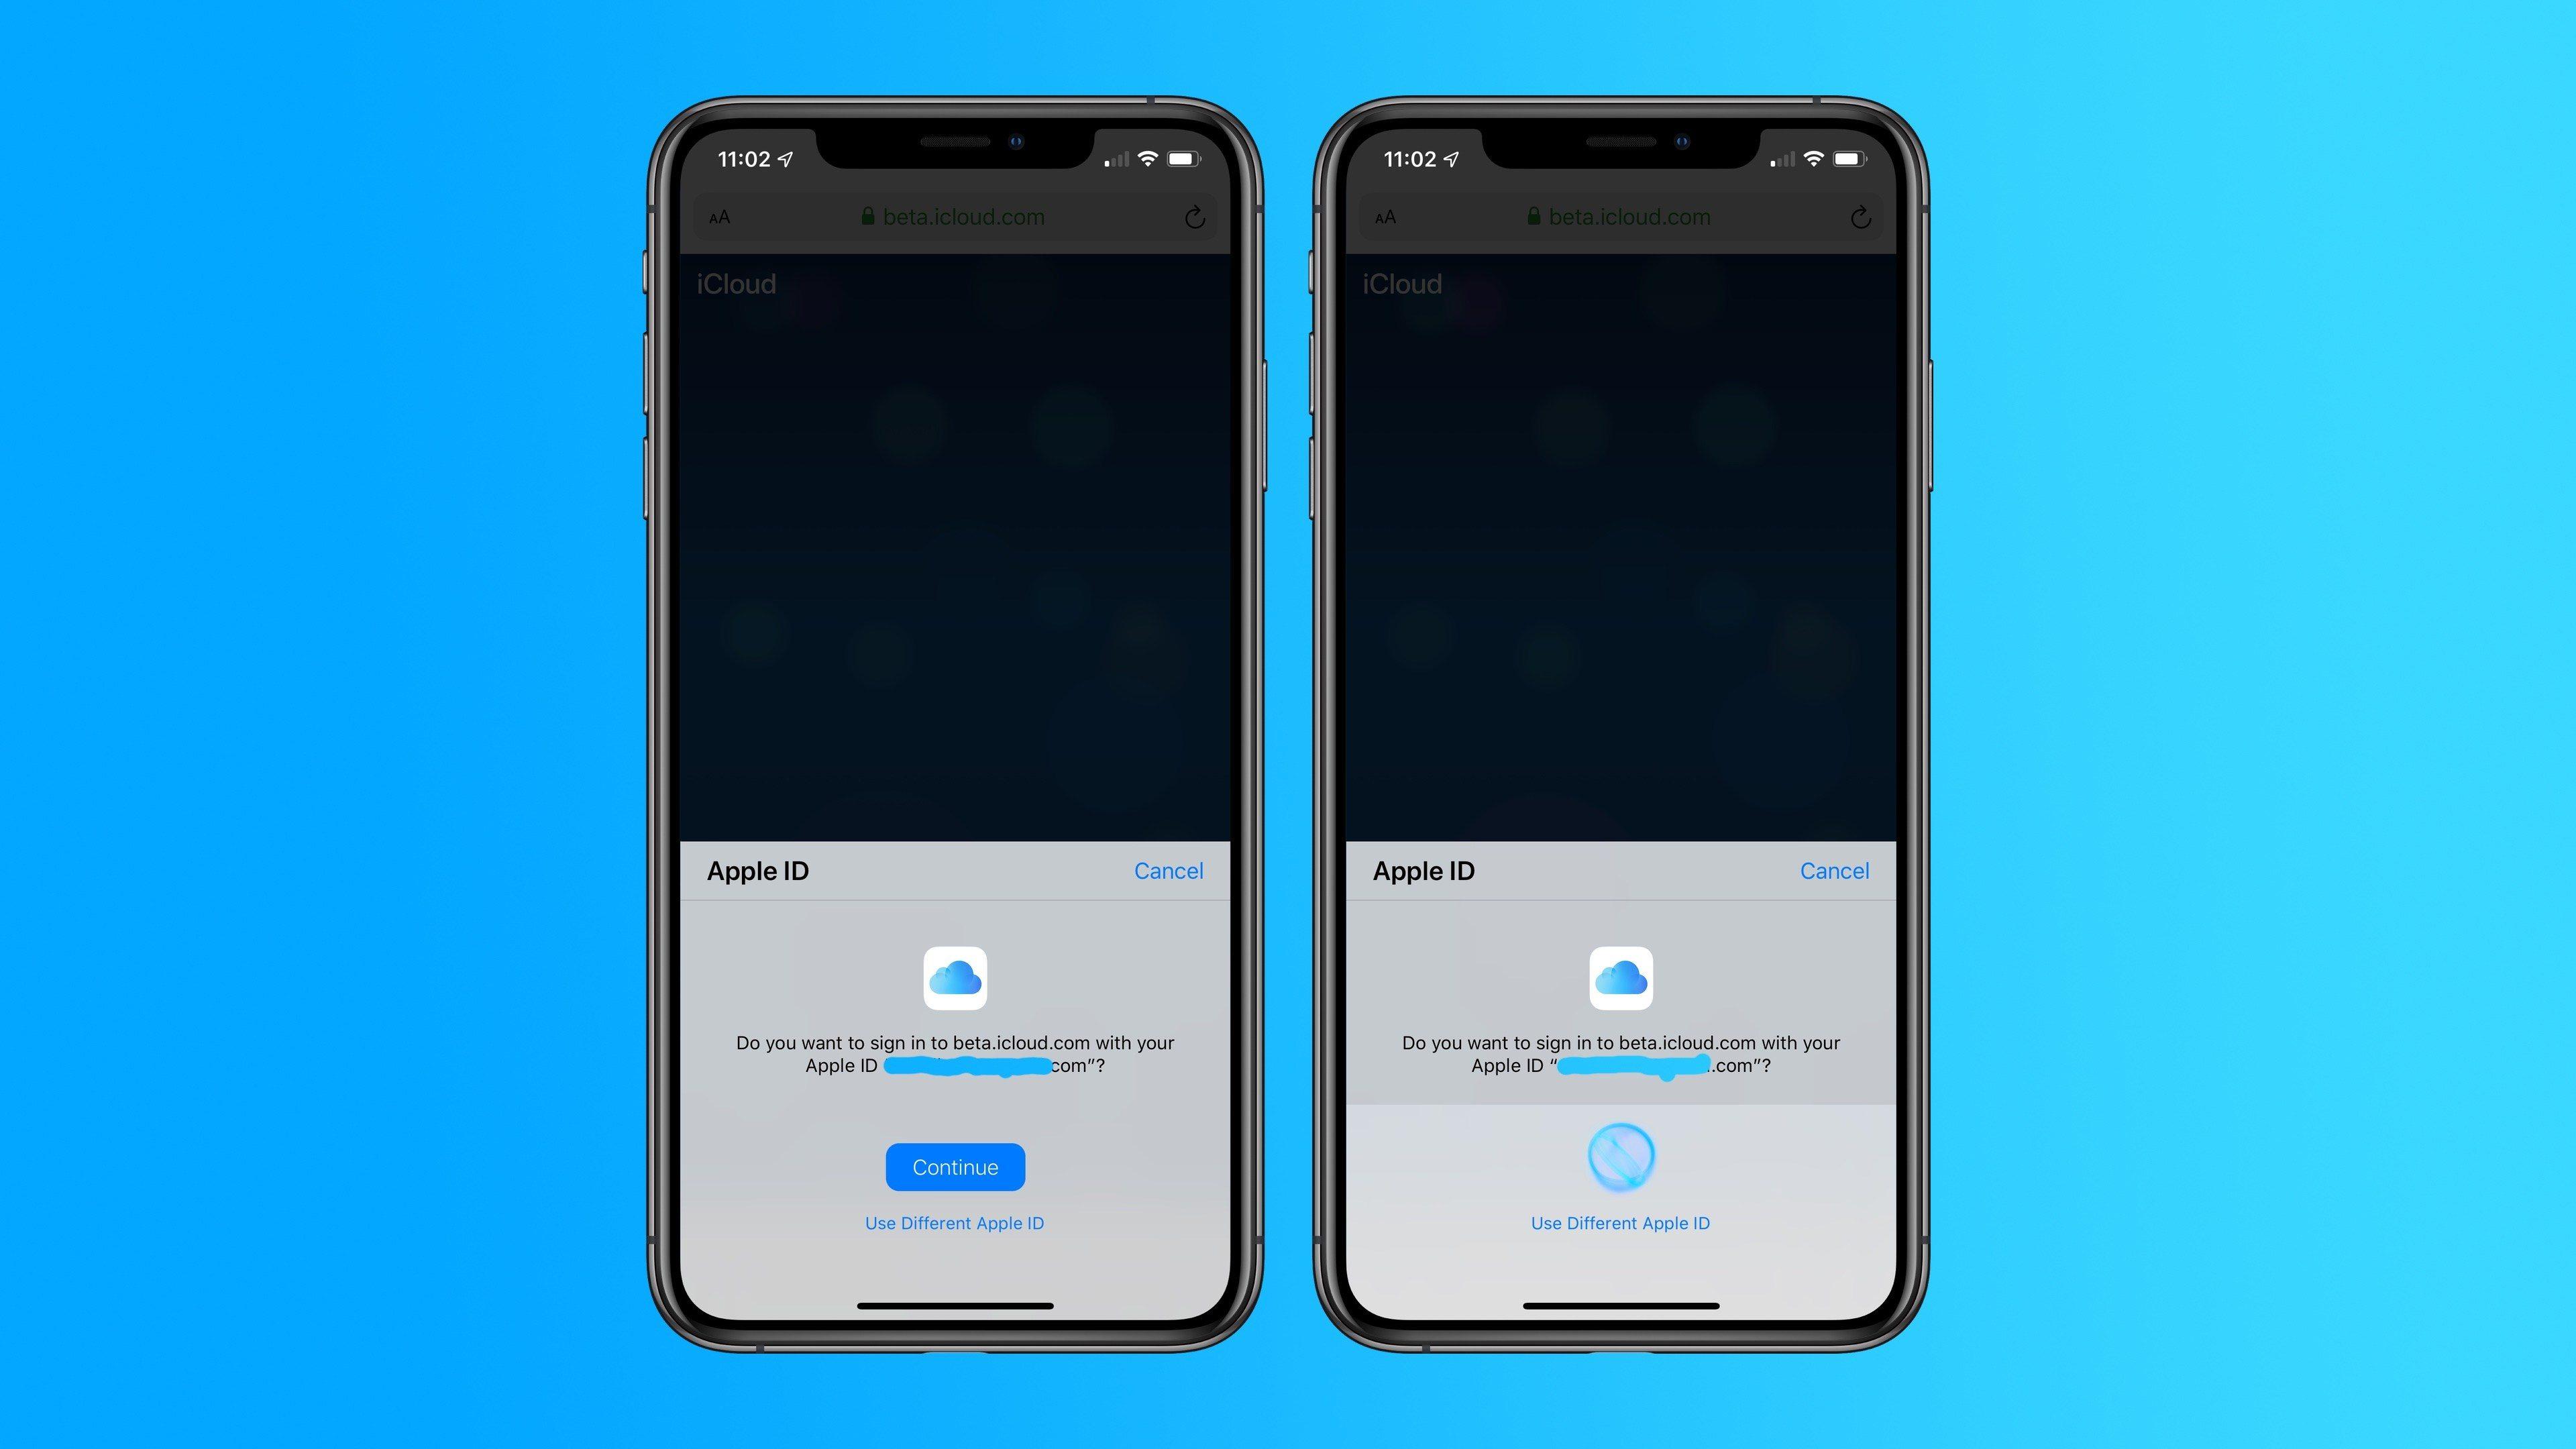 Apple thử nghiệm đăng nhập bằng Face ID và Touch ID cho iCloud.com trên iOS 13; macOS Catalina beta